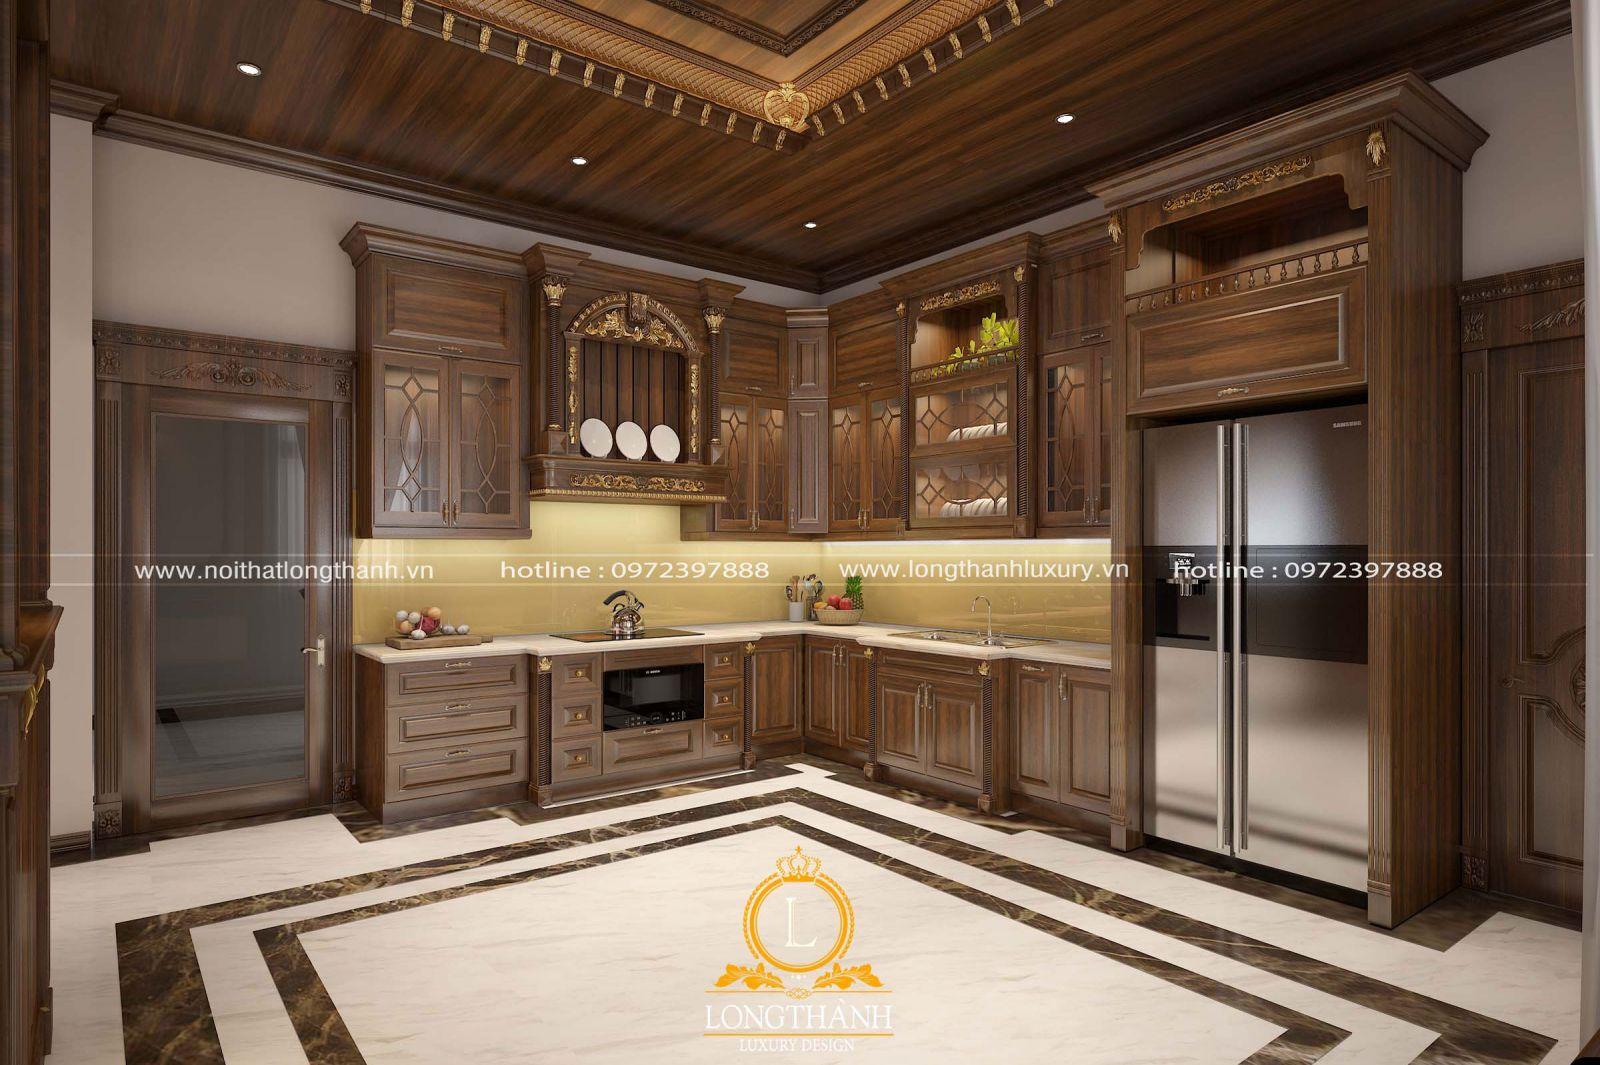 Mẫu thiết kế tủ bếp với chất liệu gỗ Gõ đỏ đẳng cấp